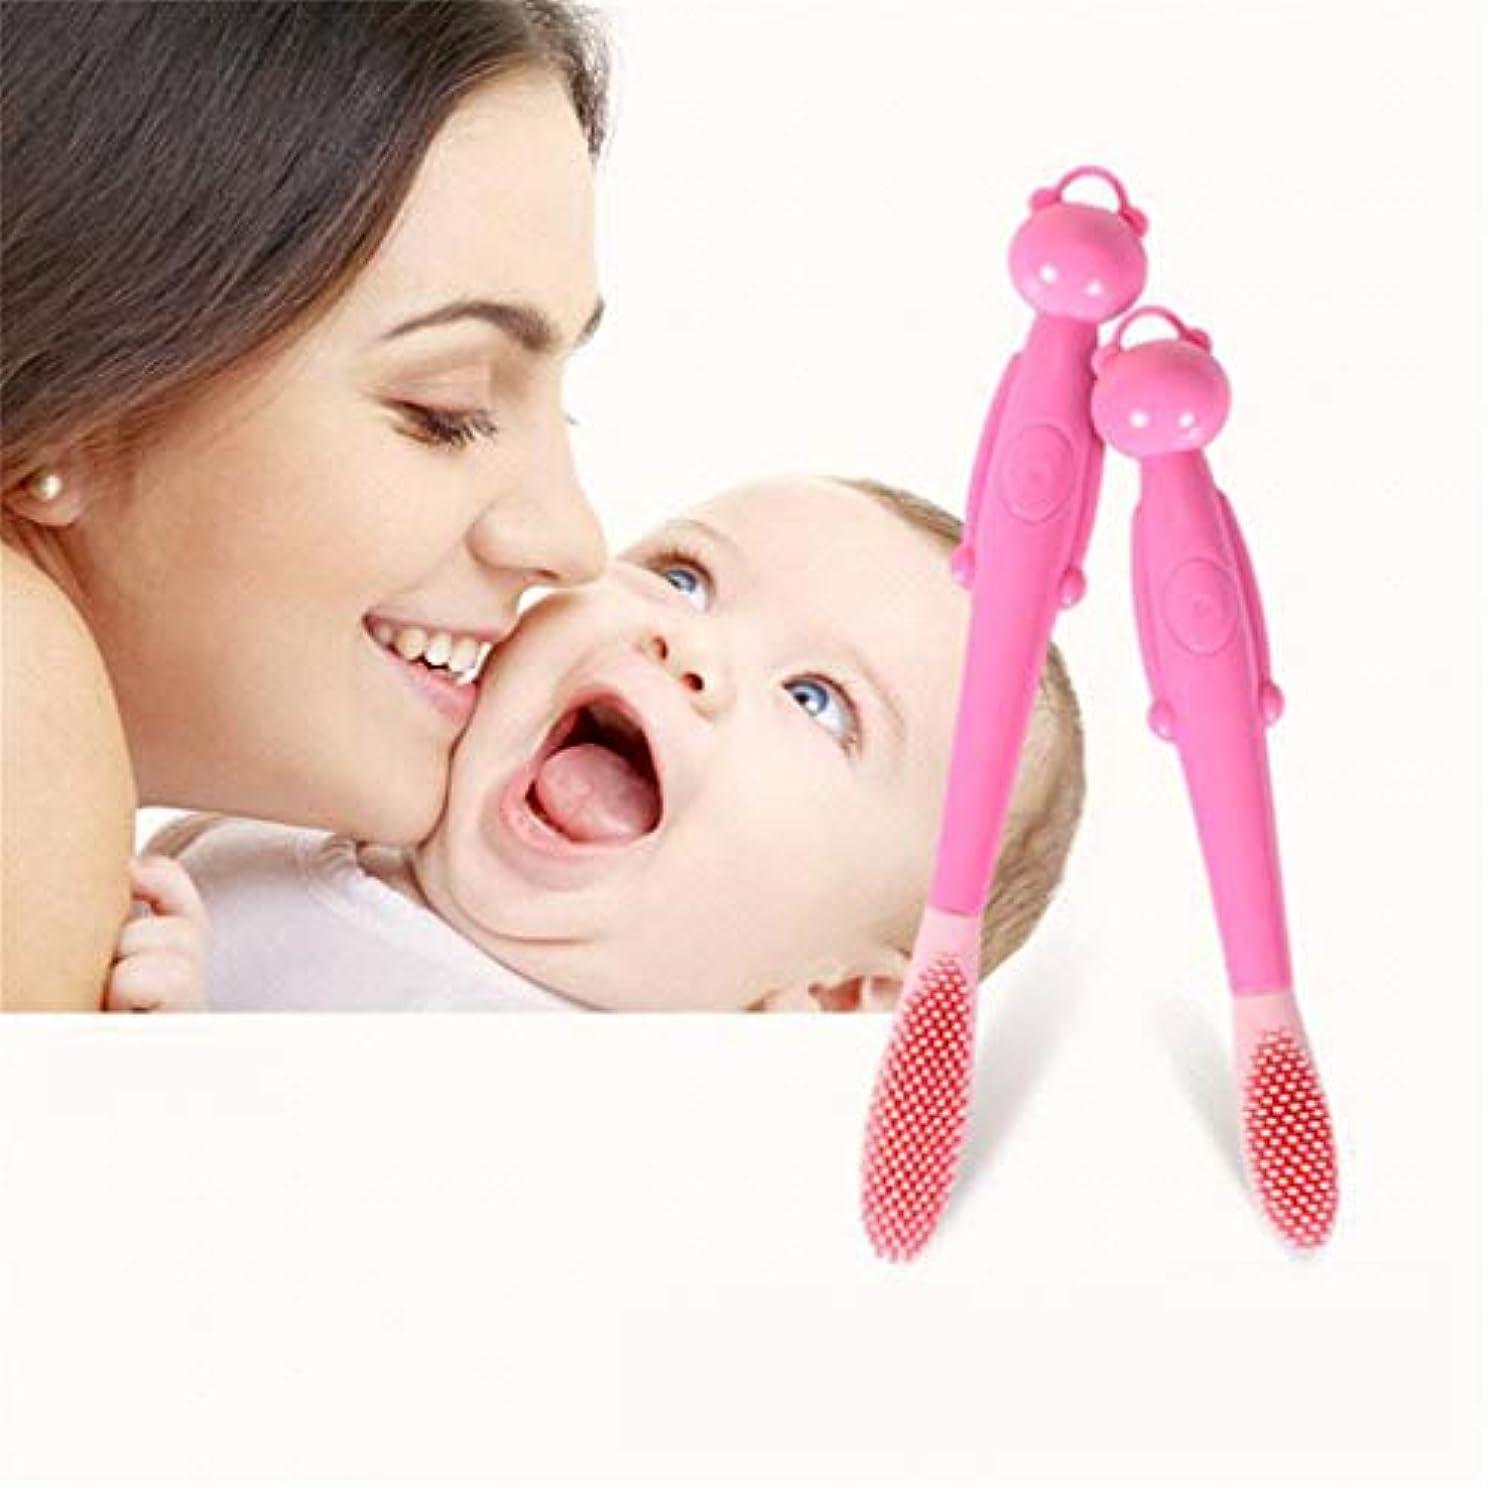 統合先行する代理店JIOLK ベビー幼児シリコーンソフト歯ブラシ ベビー歯ブラシ 0-1-2-3歳 子供用ミルク歯ブラシ